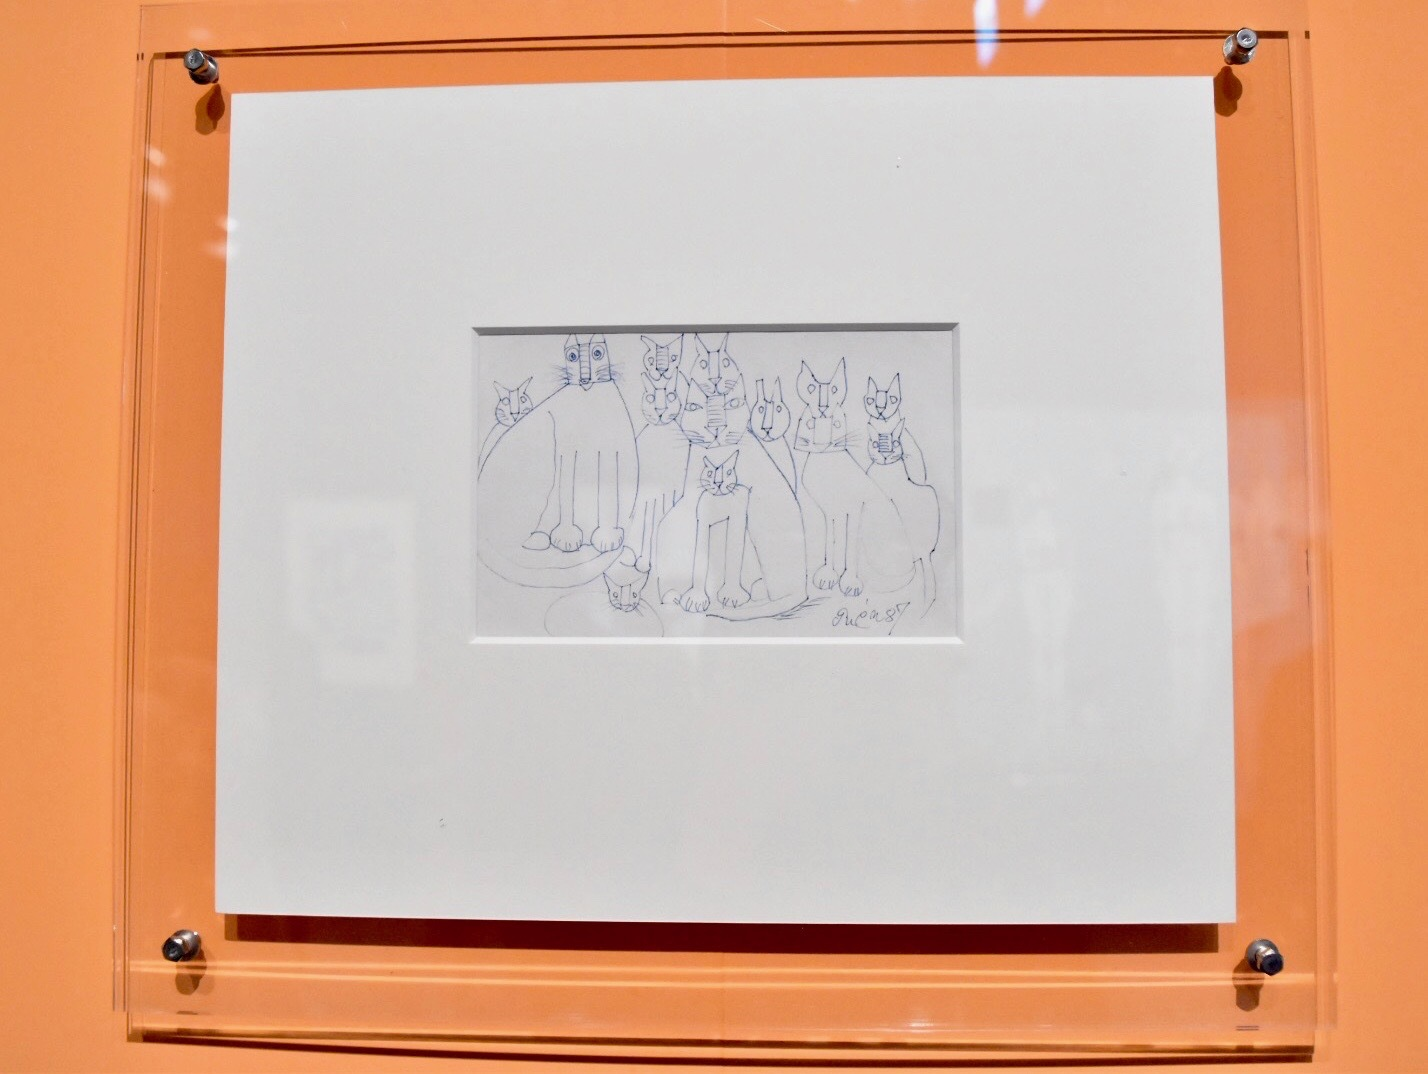 猪熊弦一郎 1987年 丸亀市猪熊弦一郎現代美術館